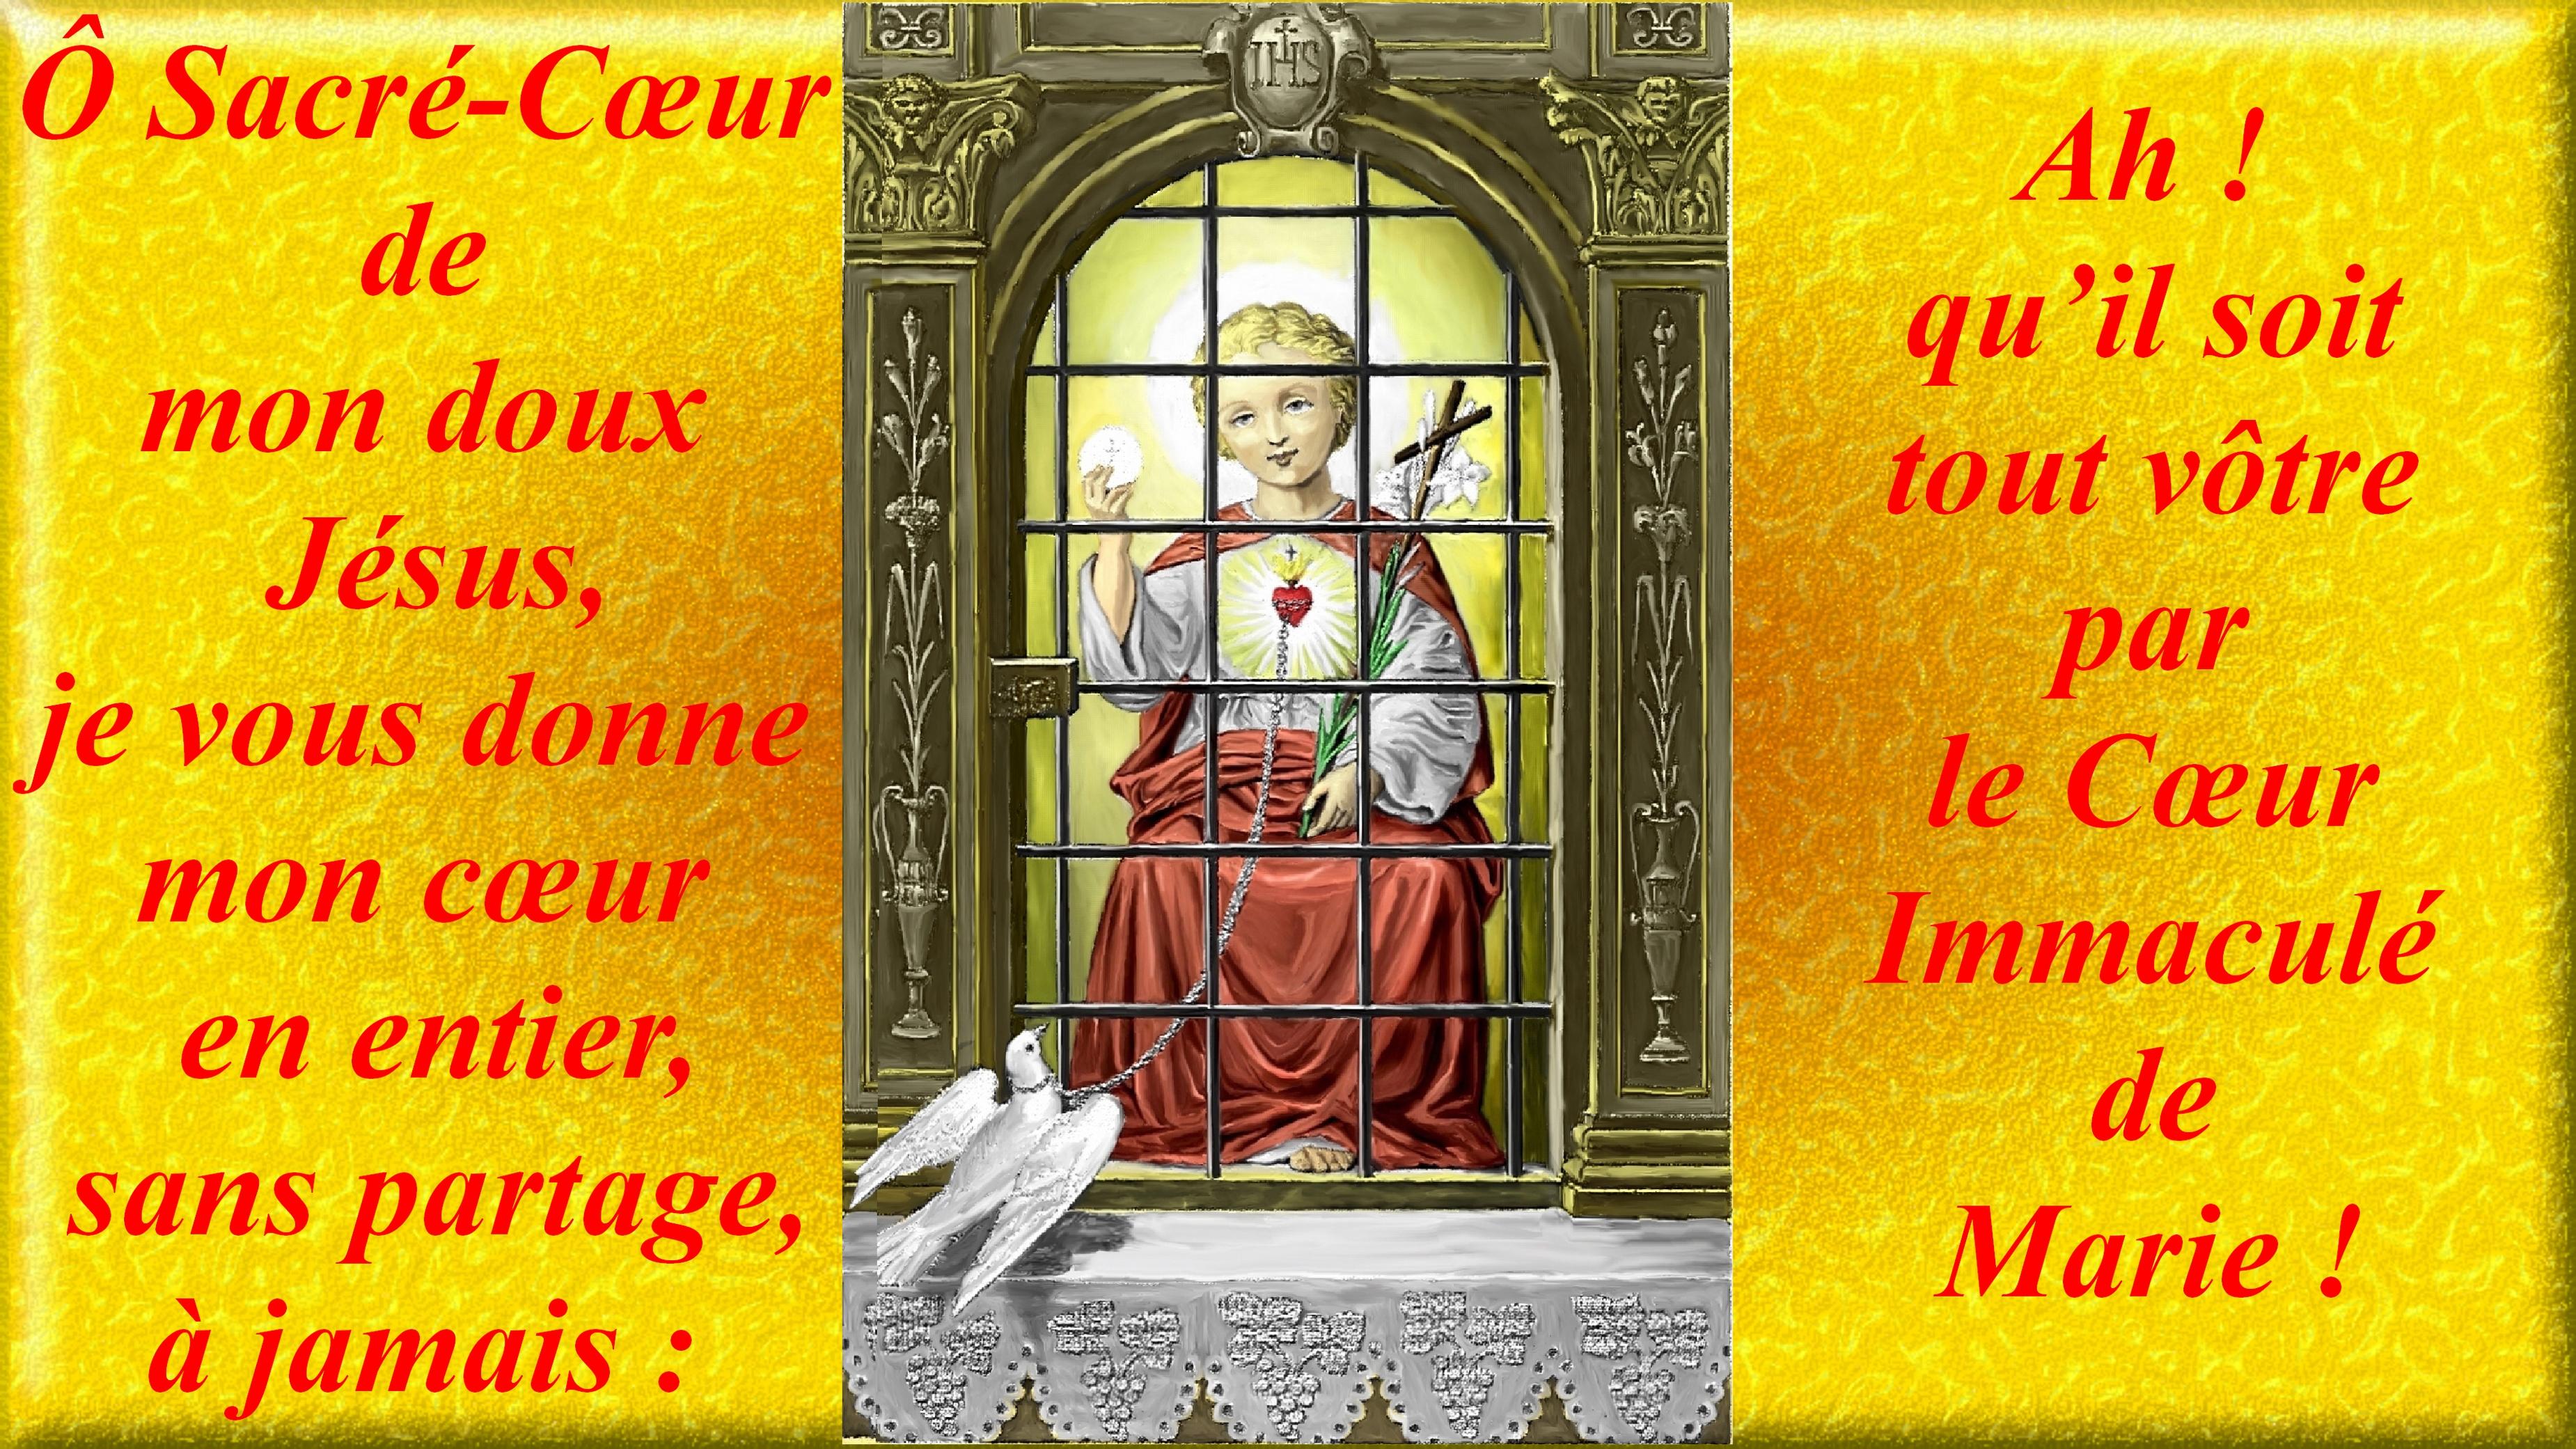 CALENDRIER CATHOLIQUE 2020 (Cantiques, Prières & Images) - Page 18 Le-coeur-eucharis...de-j-sus-56e48f0